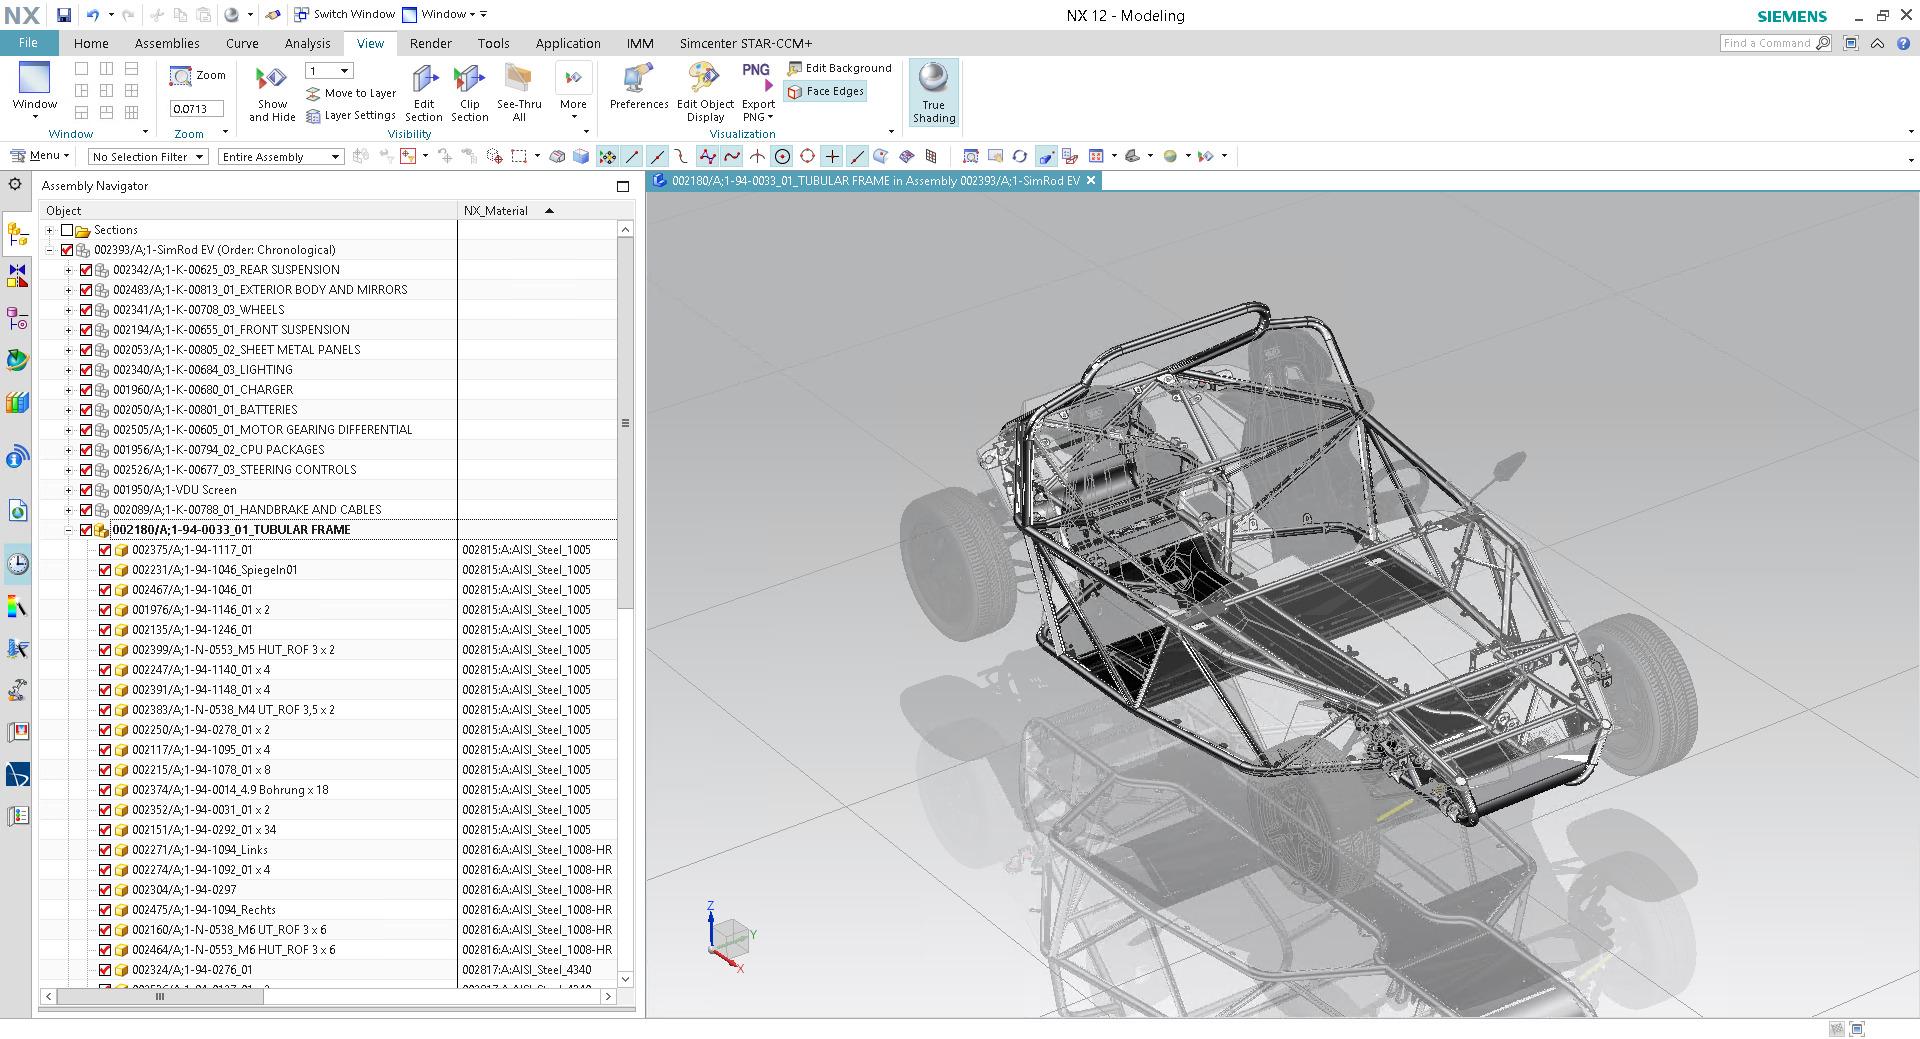 Produktstruktur in Siemens NX mit Werkstoffzuweisungen über Teamcenter IMM (Bild: Thinkstep AG)